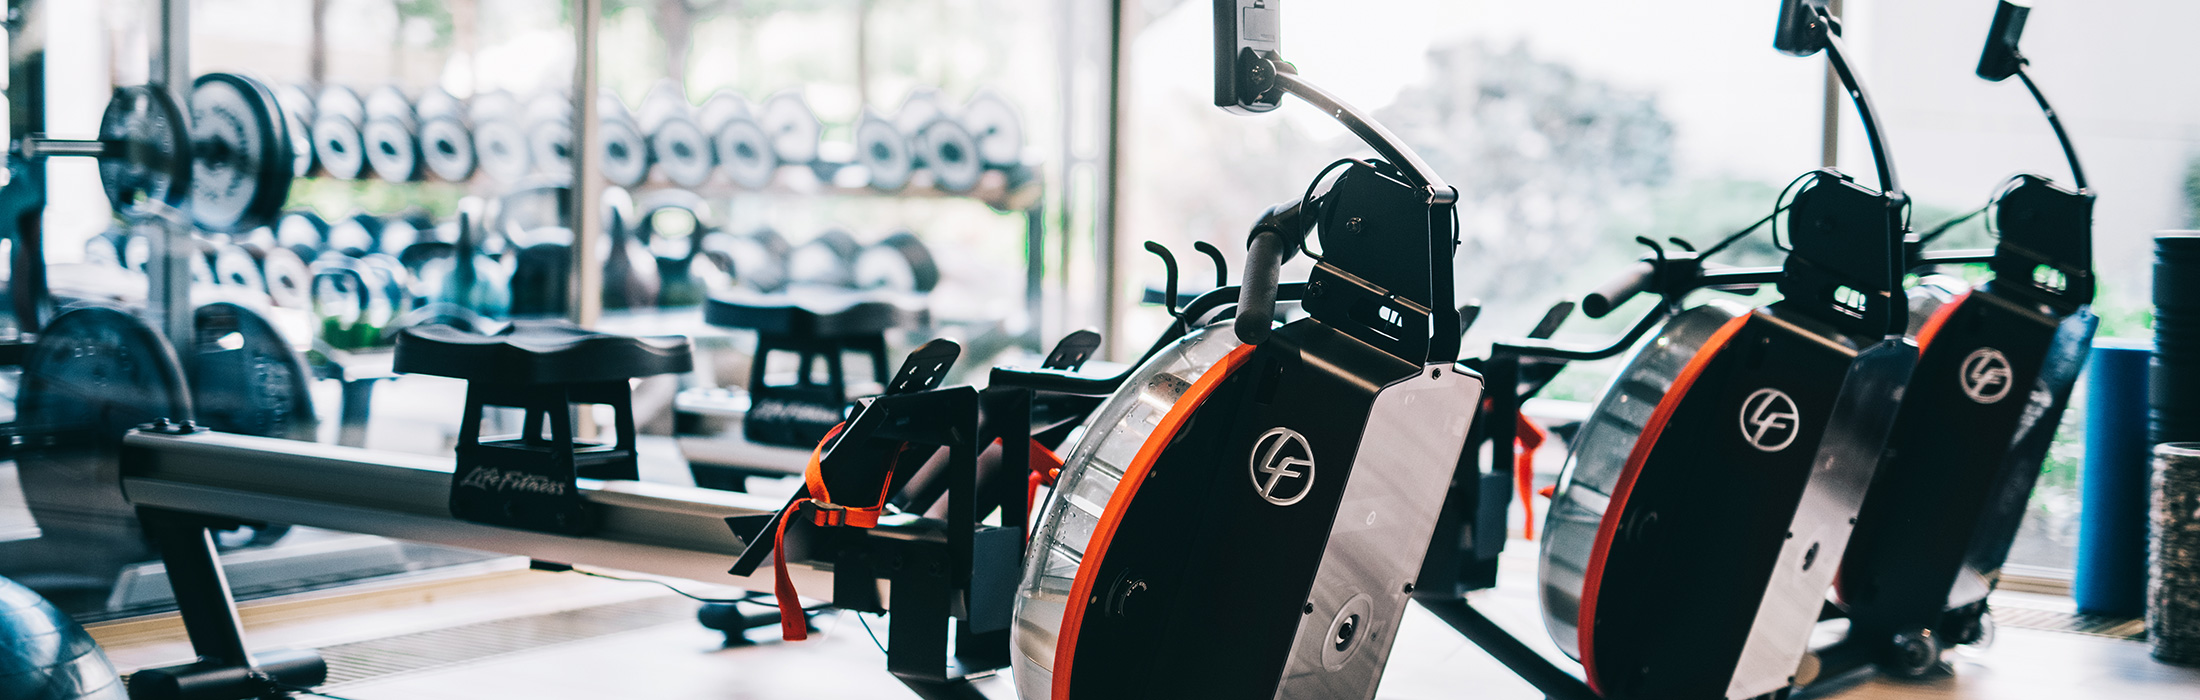 GPH gym slide jpg